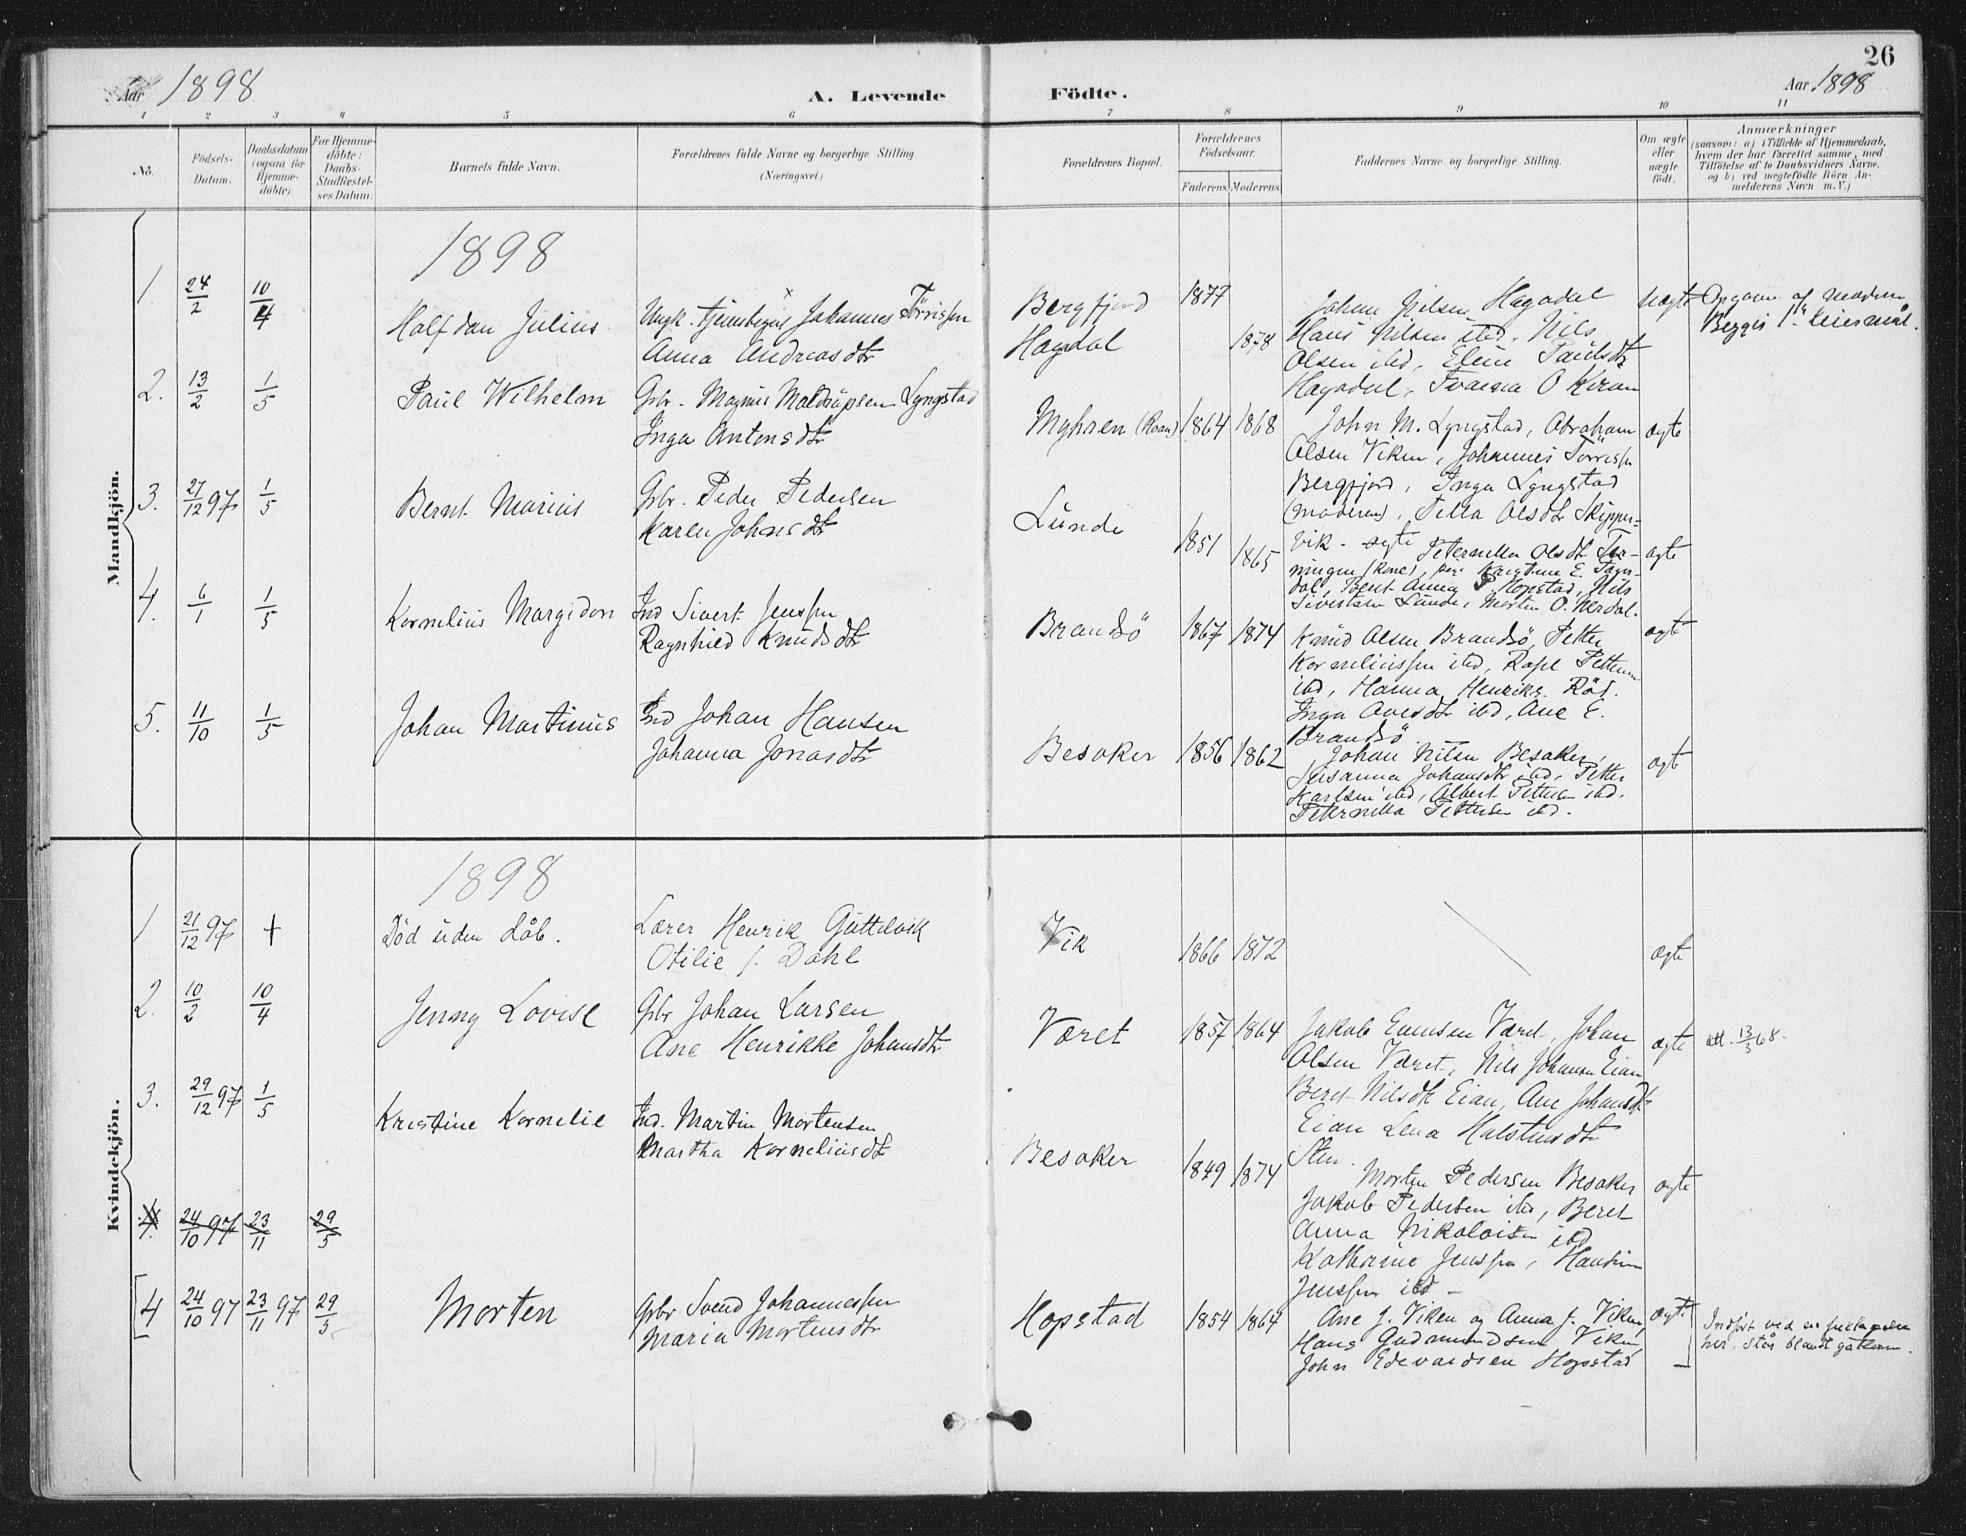 SAT, Ministerialprotokoller, klokkerbøker og fødselsregistre - Sør-Trøndelag, 657/L0708: Ministerialbok nr. 657A09, 1894-1904, s. 26